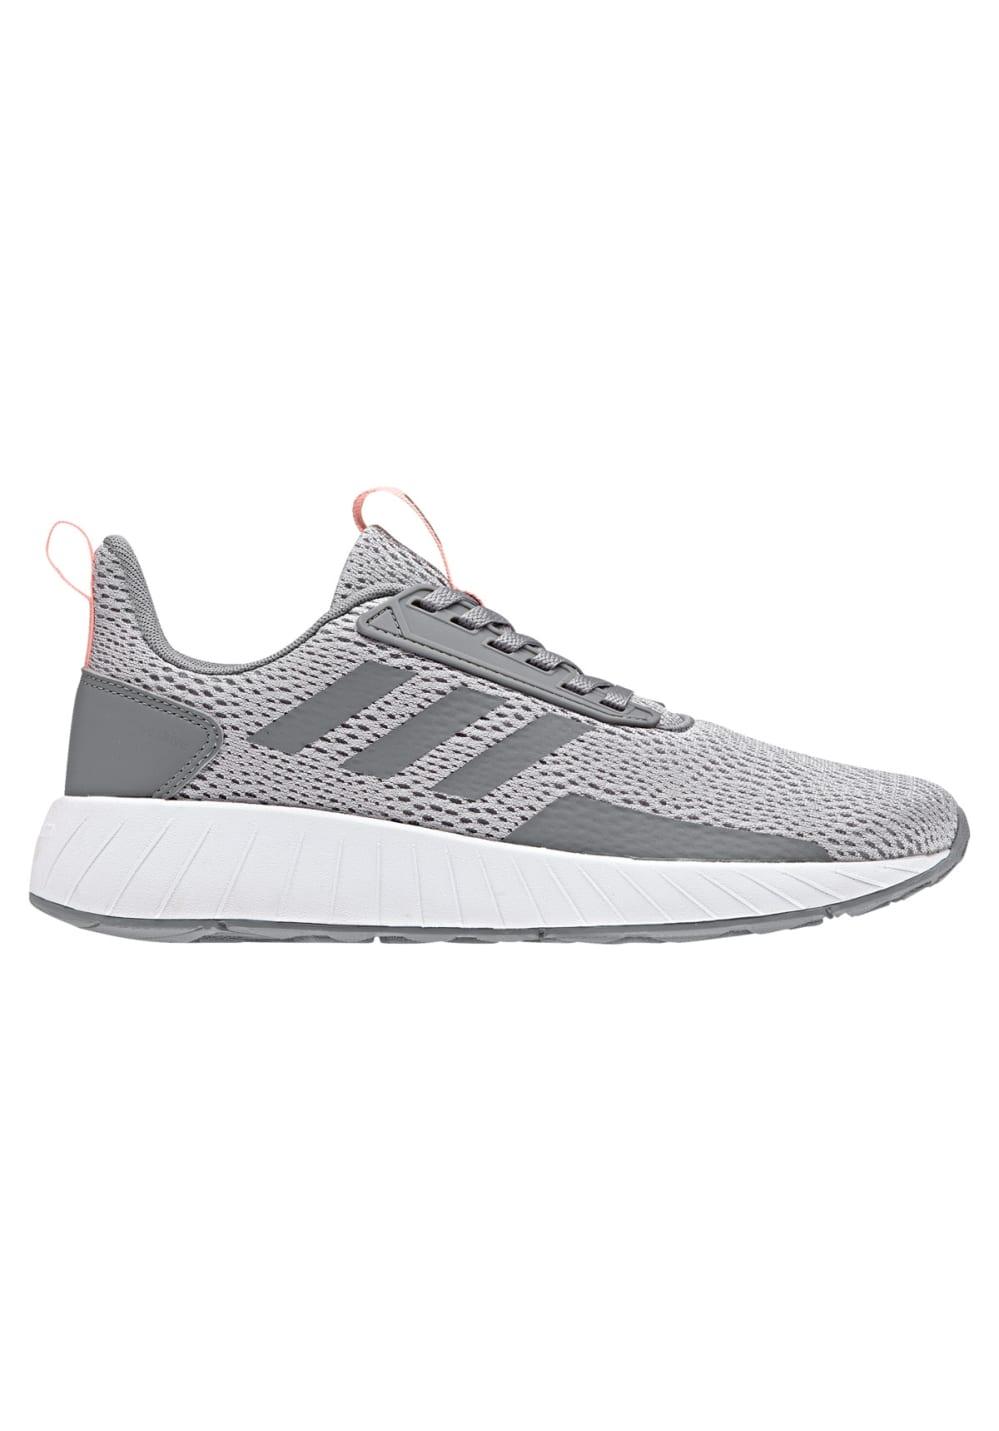 meilleures baskets b1d88 8c17b adidas Questar Drive - Running shoes for Women - Grey